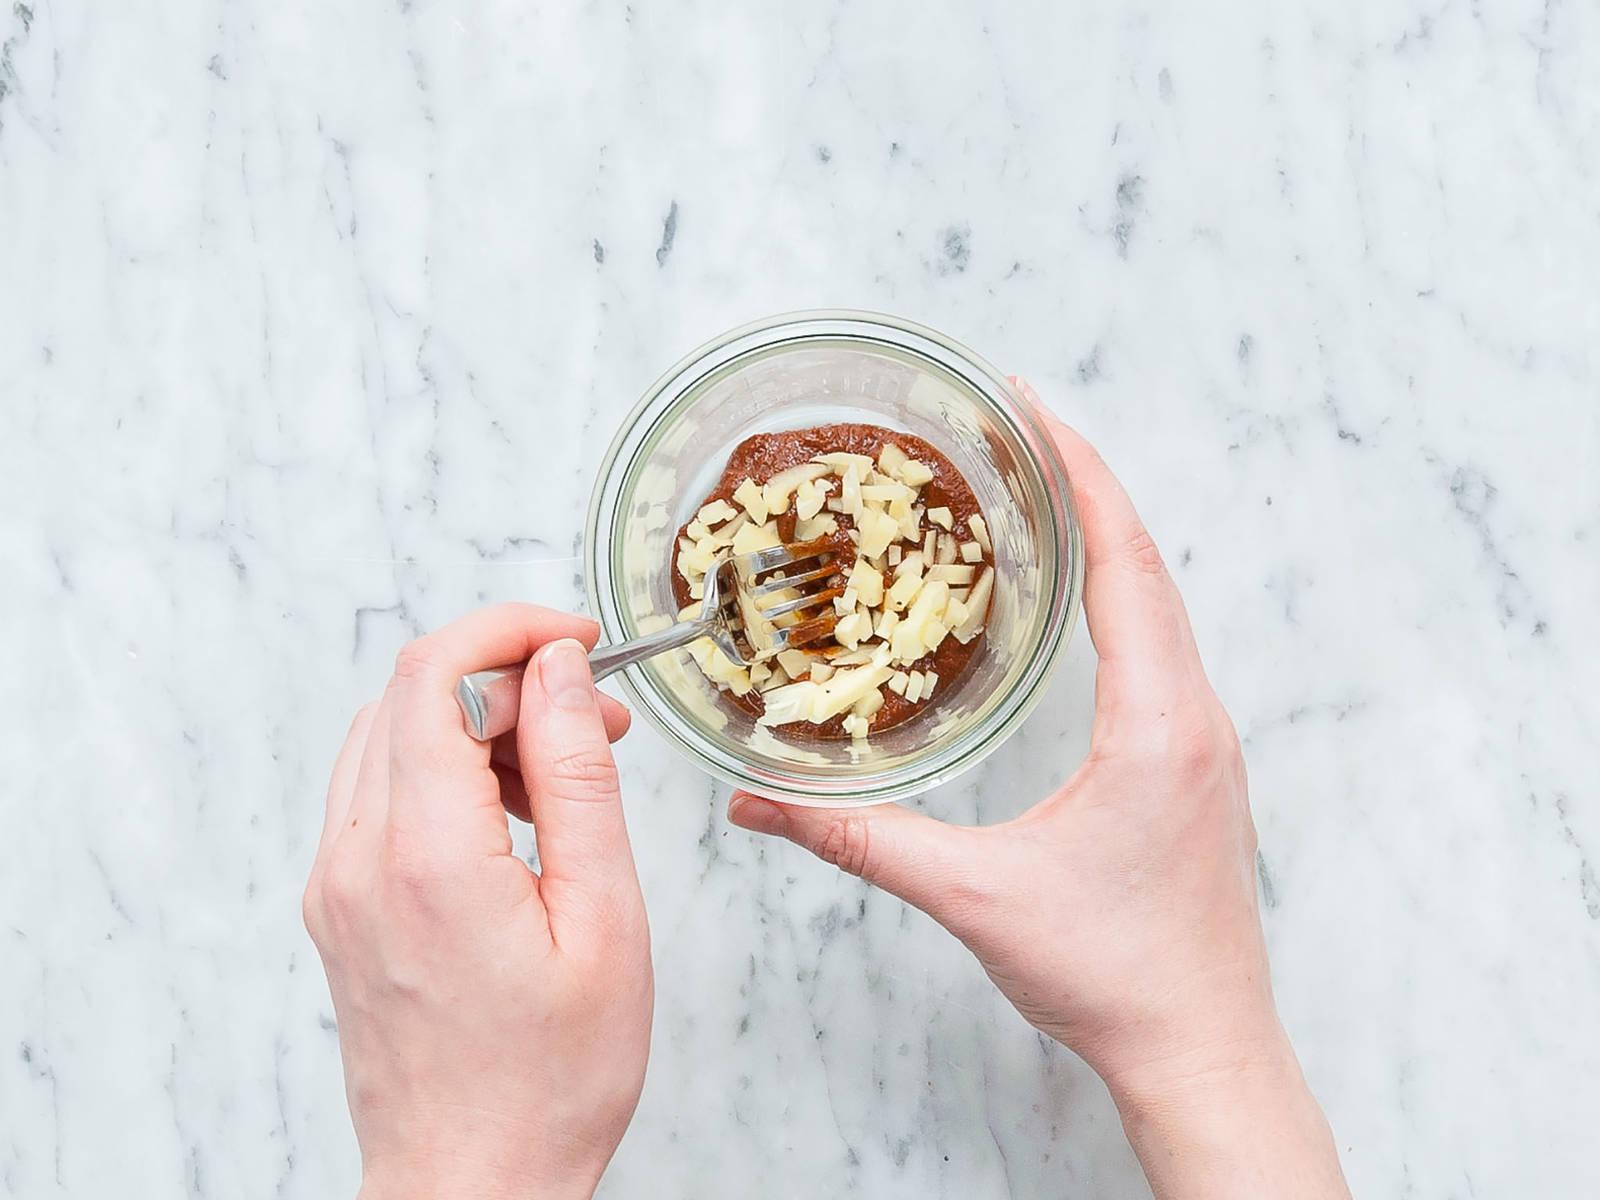 Karotte schälen und reiben. Frühlingszwiebel in Ringe schneiden. Tofu würfeln. Öl in einer Pfanne erwärmen und Tofuwürfel ca. 5 Minuten anbraten. Für die Würzpaste Knoblauch und Ingwer schälen und fein hacken. Misopaste, Tahini, rote Currypaste, Sojasauce, Sesamöl und gehackten Knoblauch und Ingwer in ein verschließbares Glas geben und verrühren.